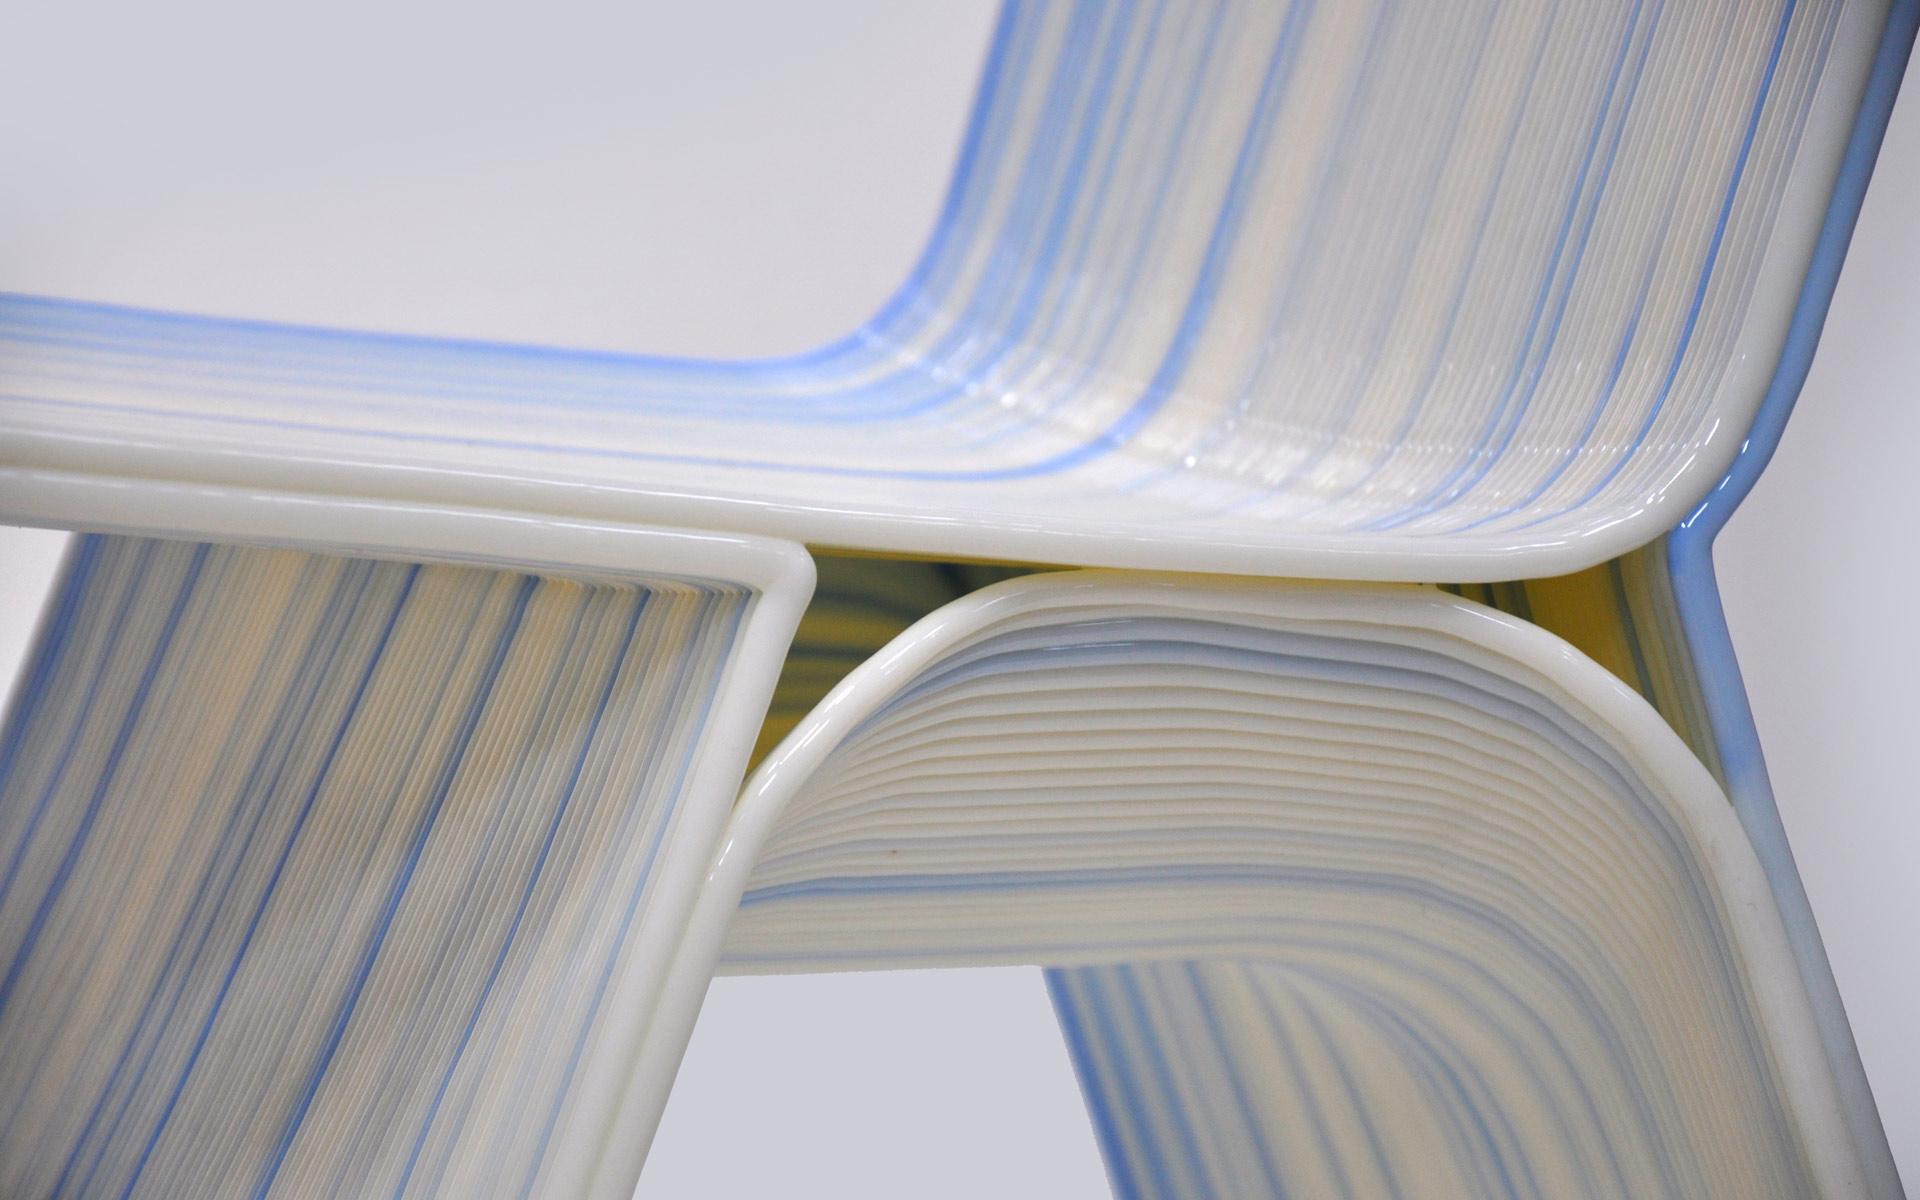 Czy drukowanie mebli to pomysł nietrafiony?